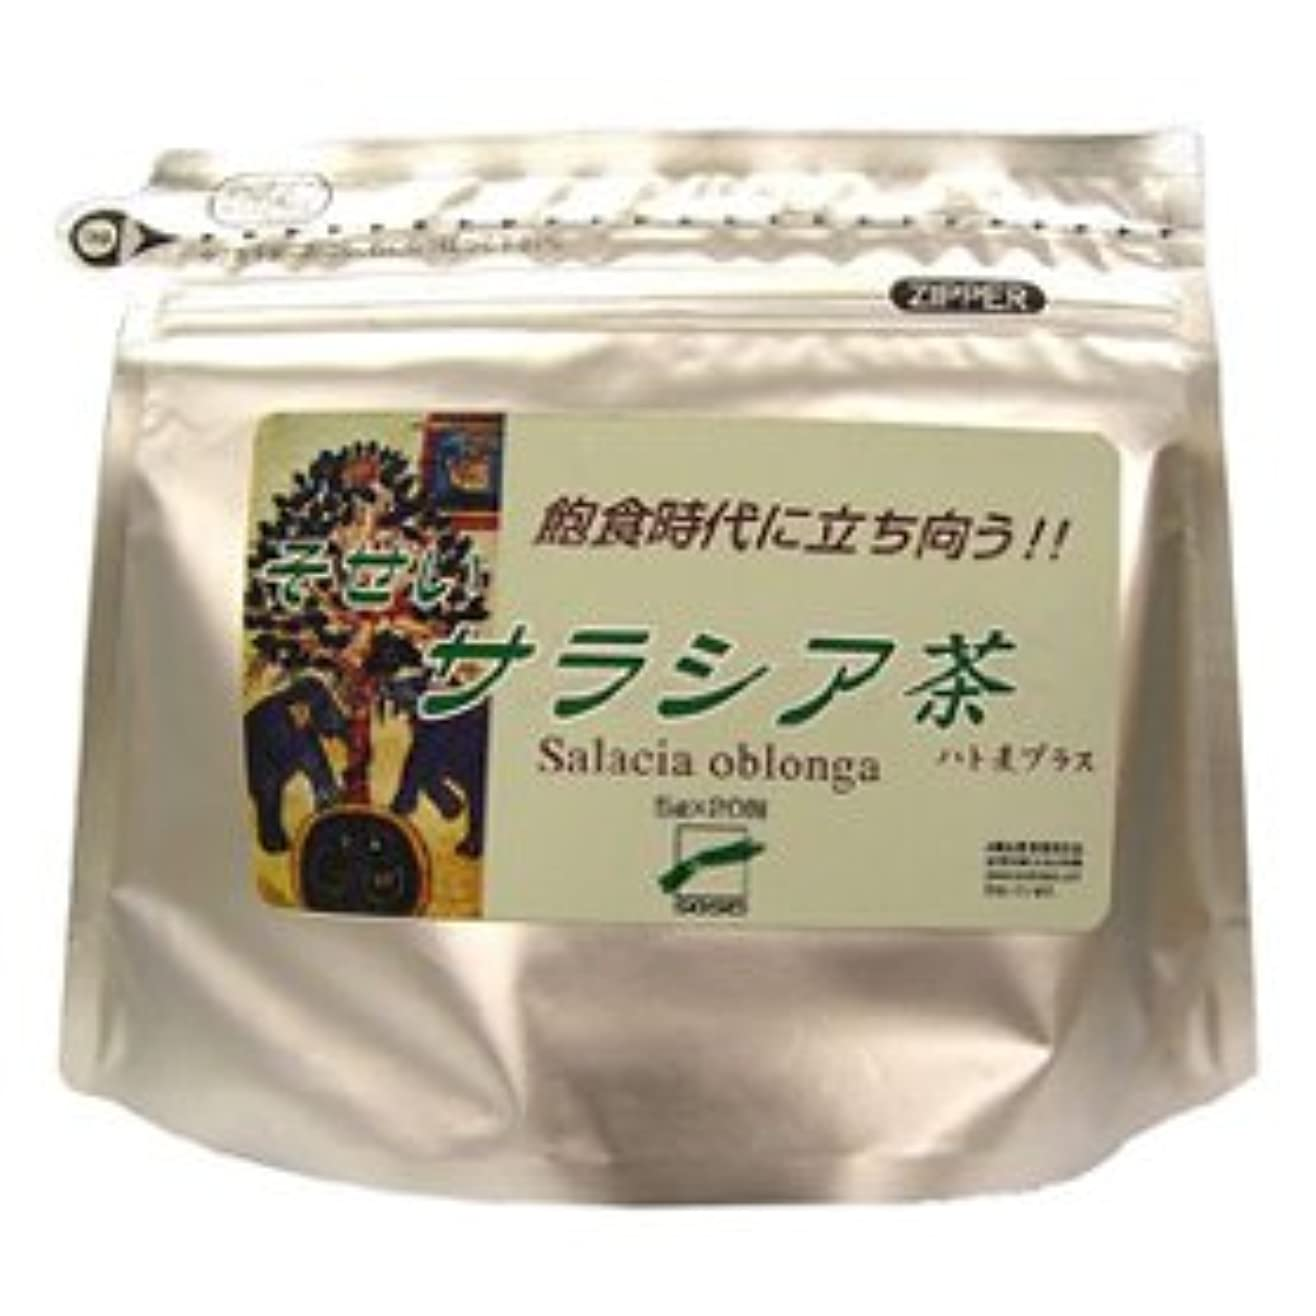 変換価格エレクトロニックそせい サラシア茶 1袋